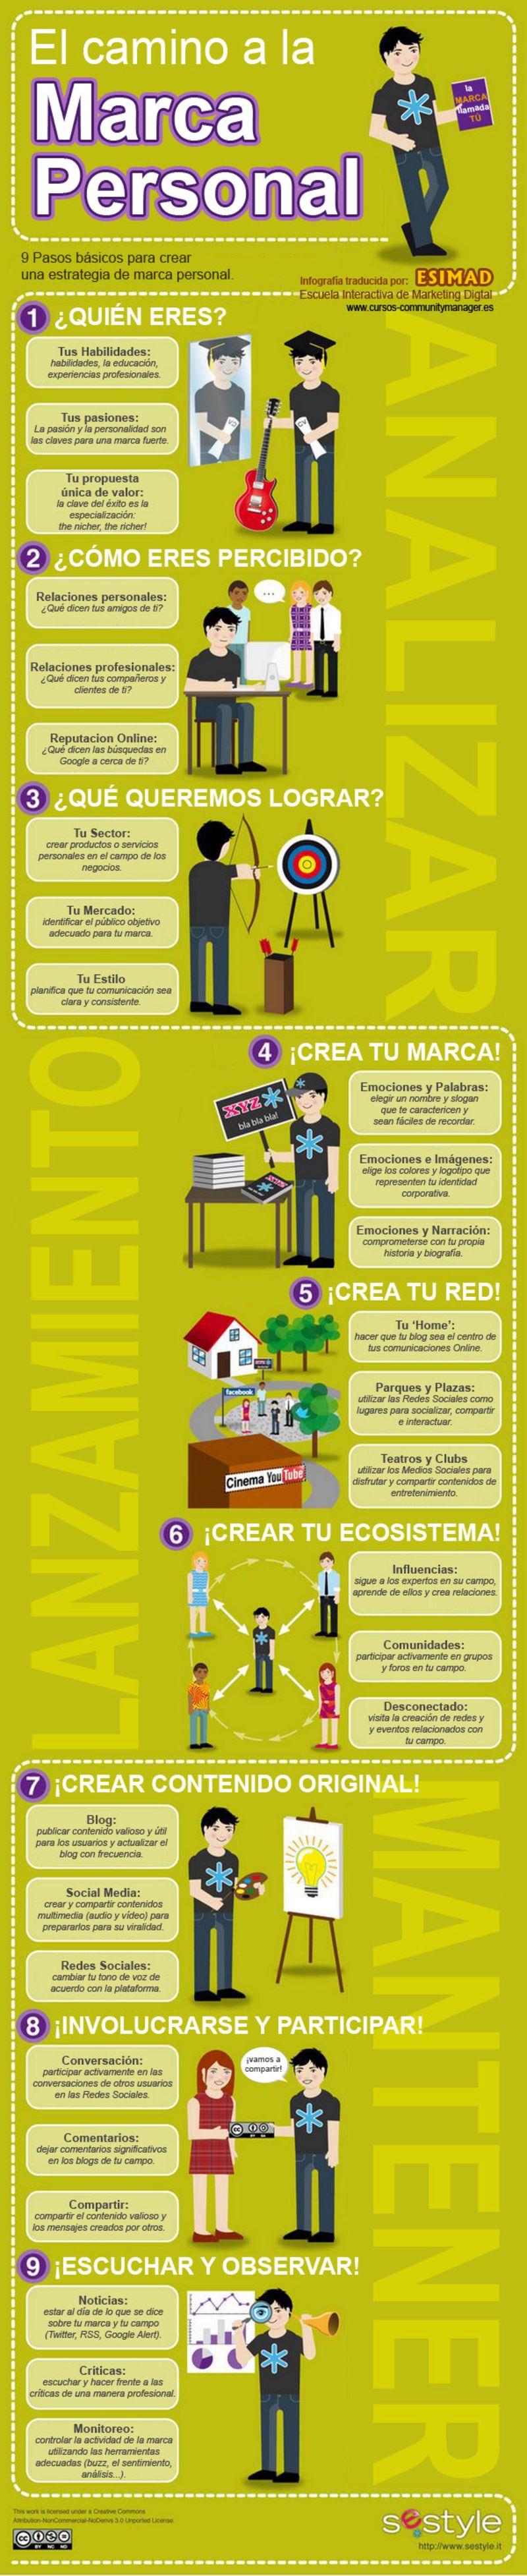 Infografía el camino de la Marca personal.